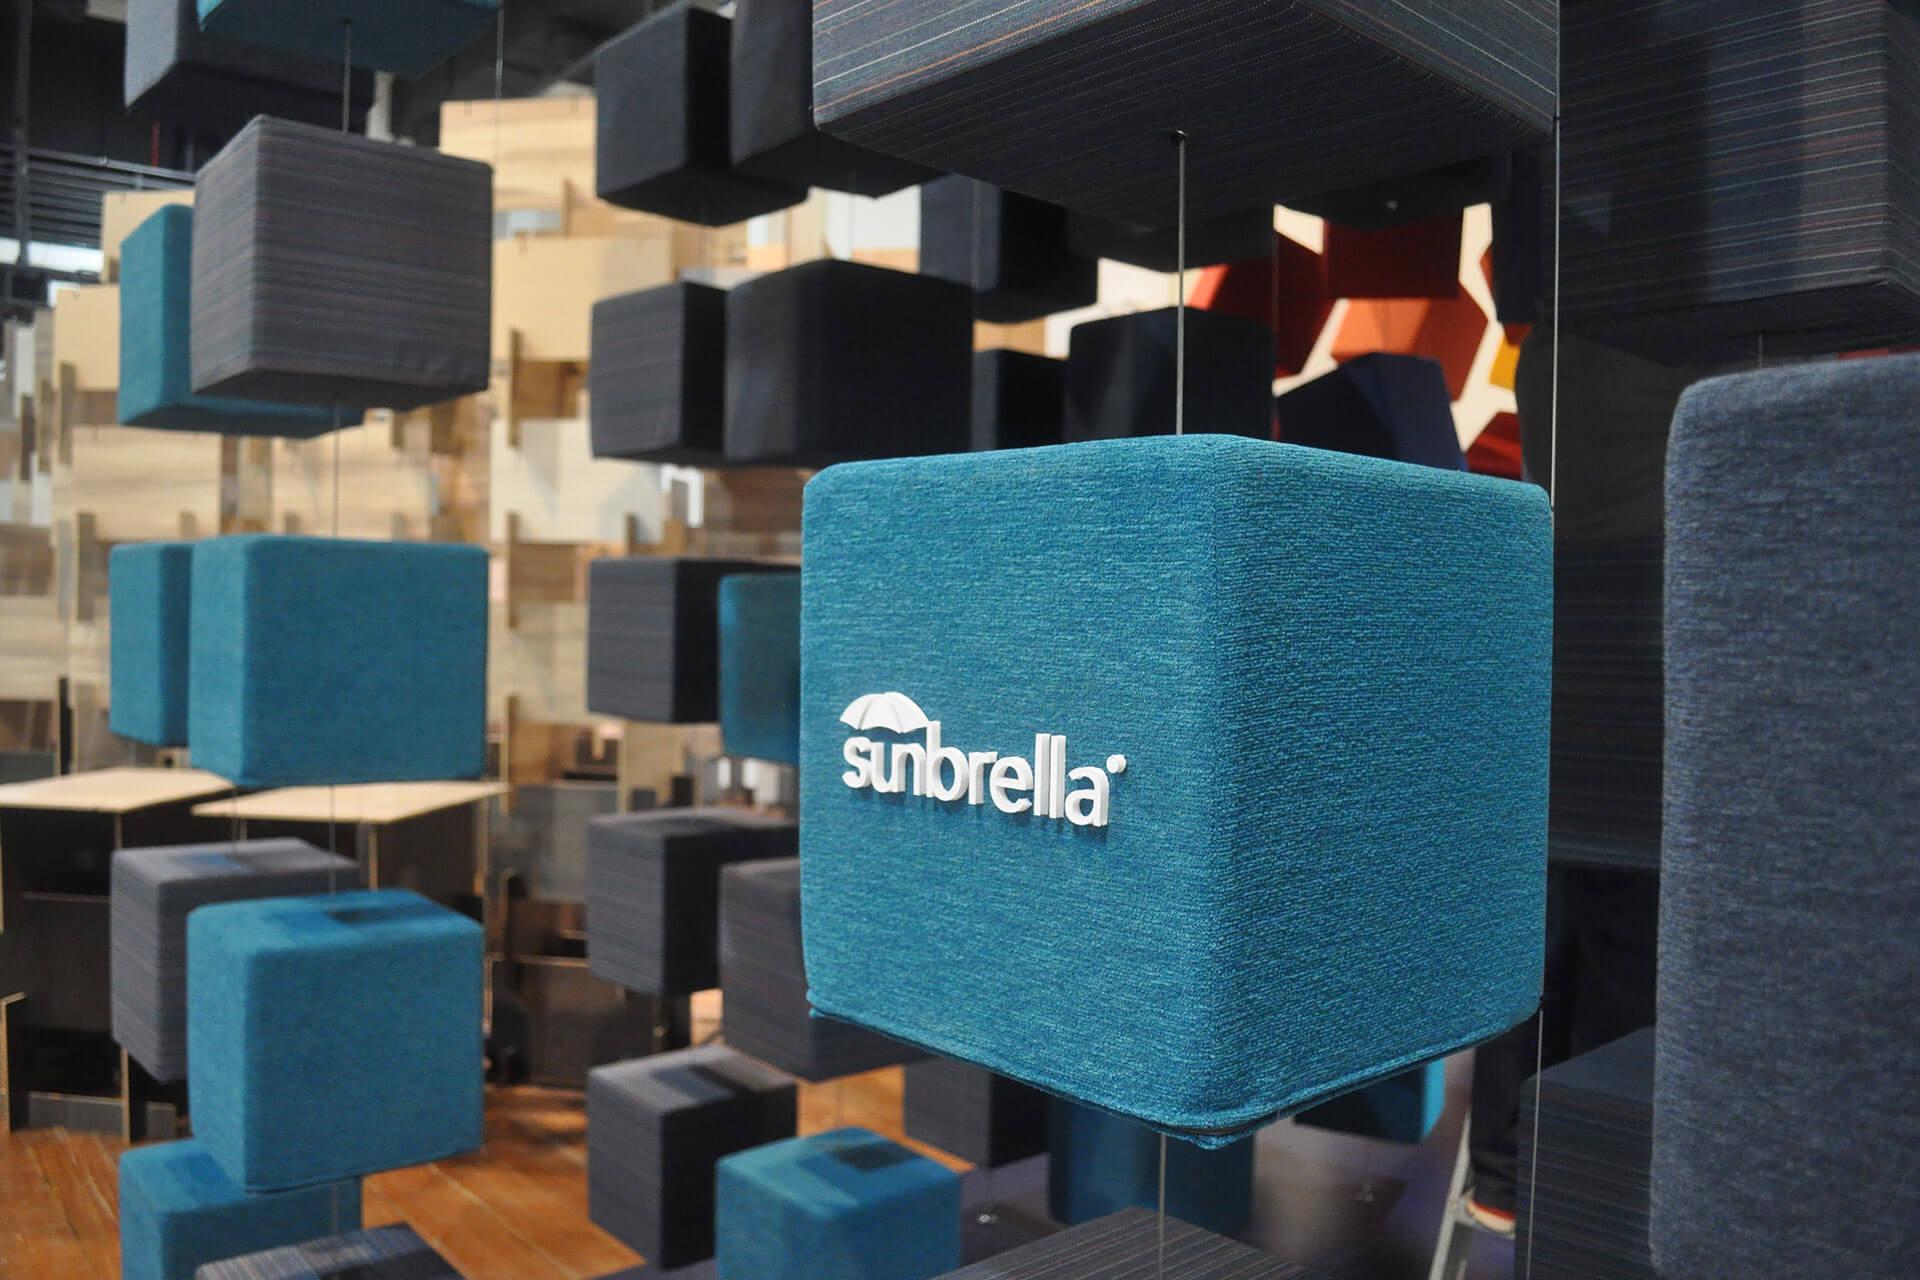 新加坡 InDesign 展上使用 Sunbrella 布料装饰的蓝绿色立方体的特写。